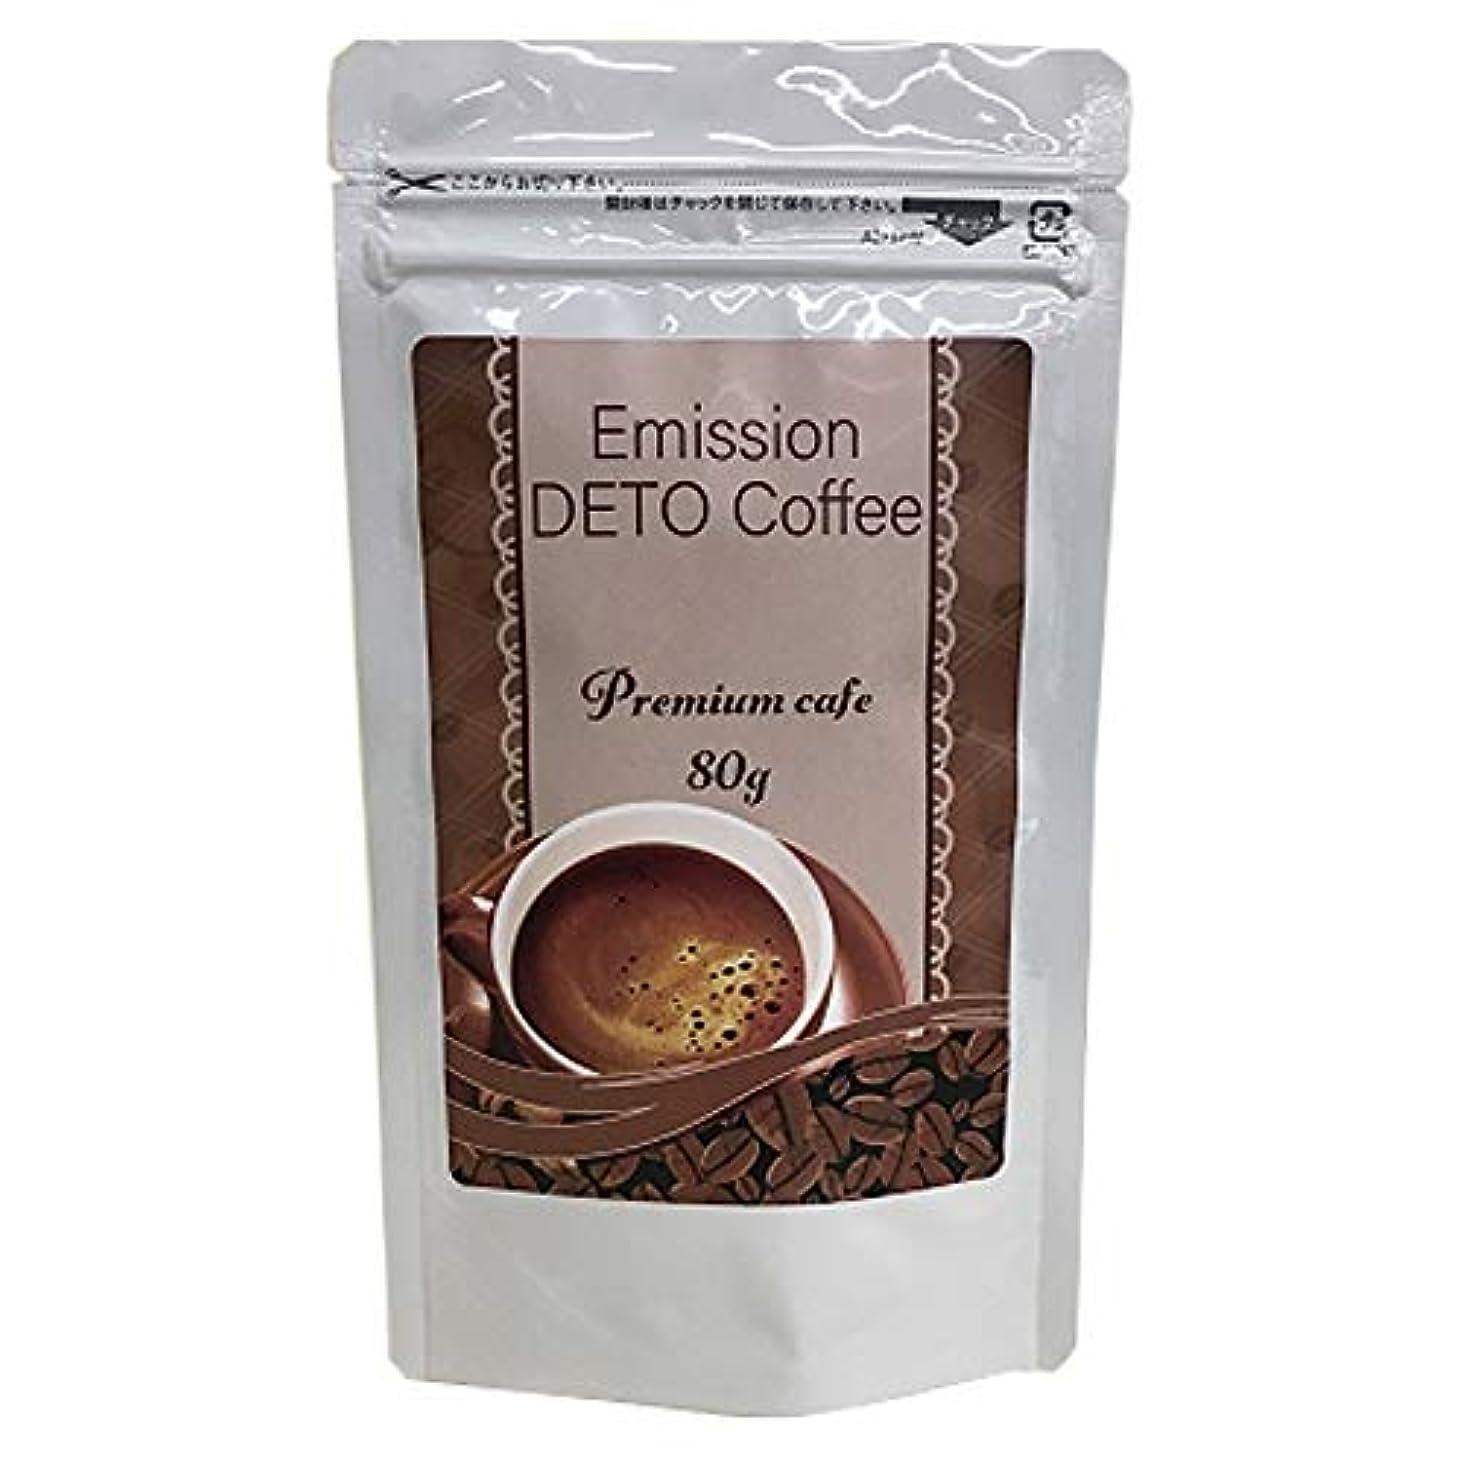 その寮弾丸エミッションデトコーヒー ダイエットコーヒー